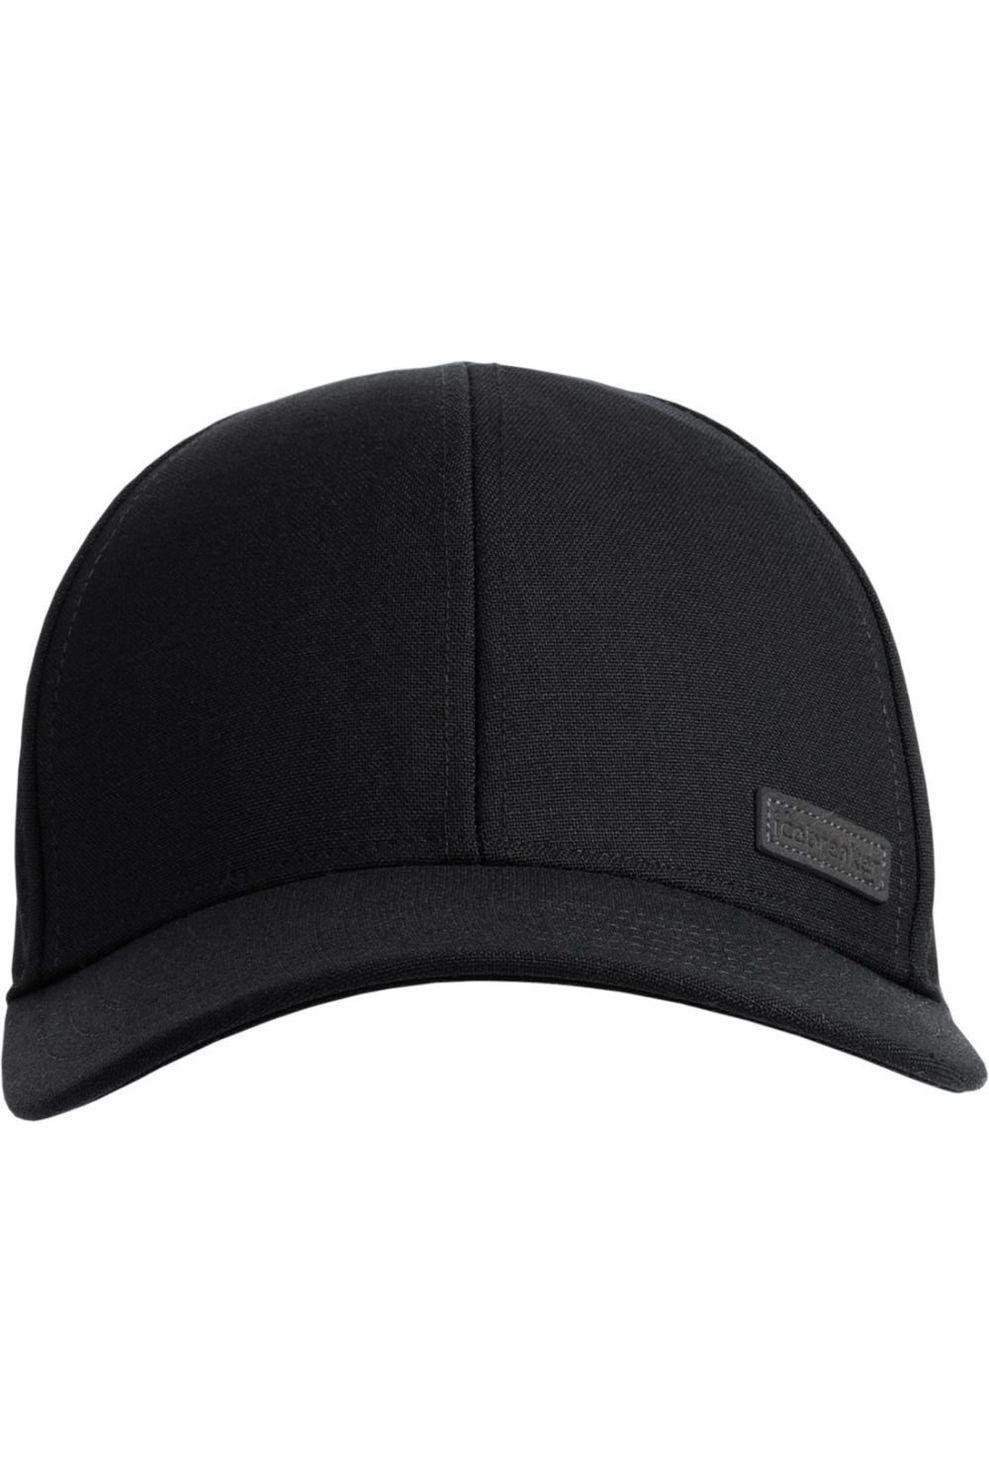 Icebreaker Pet Ice Icebreaker Patch Hat voor heren - Zwart